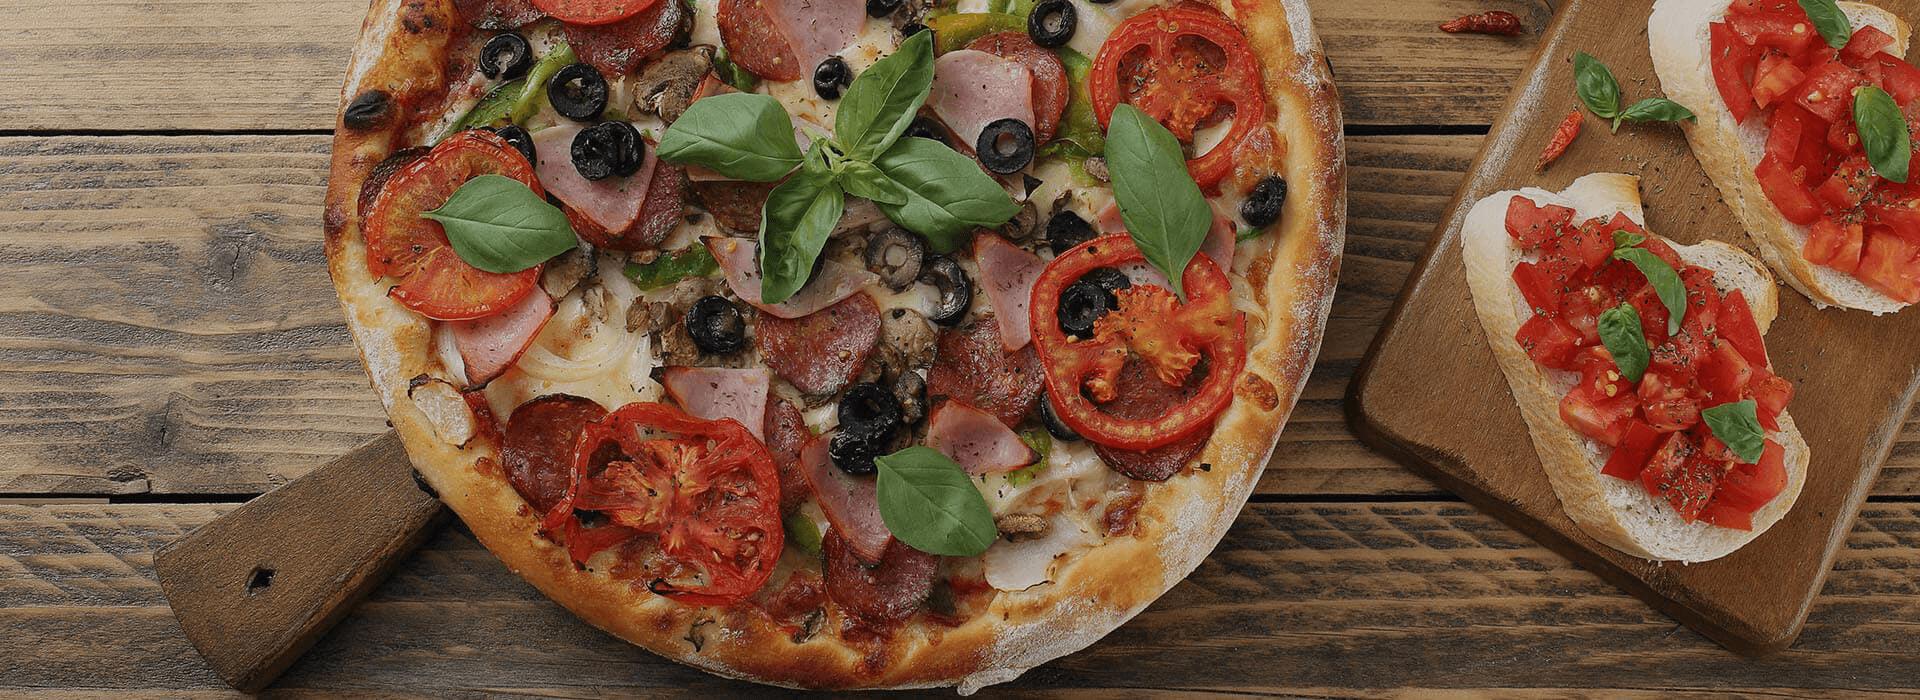 slider3-pizzeria-Enghien